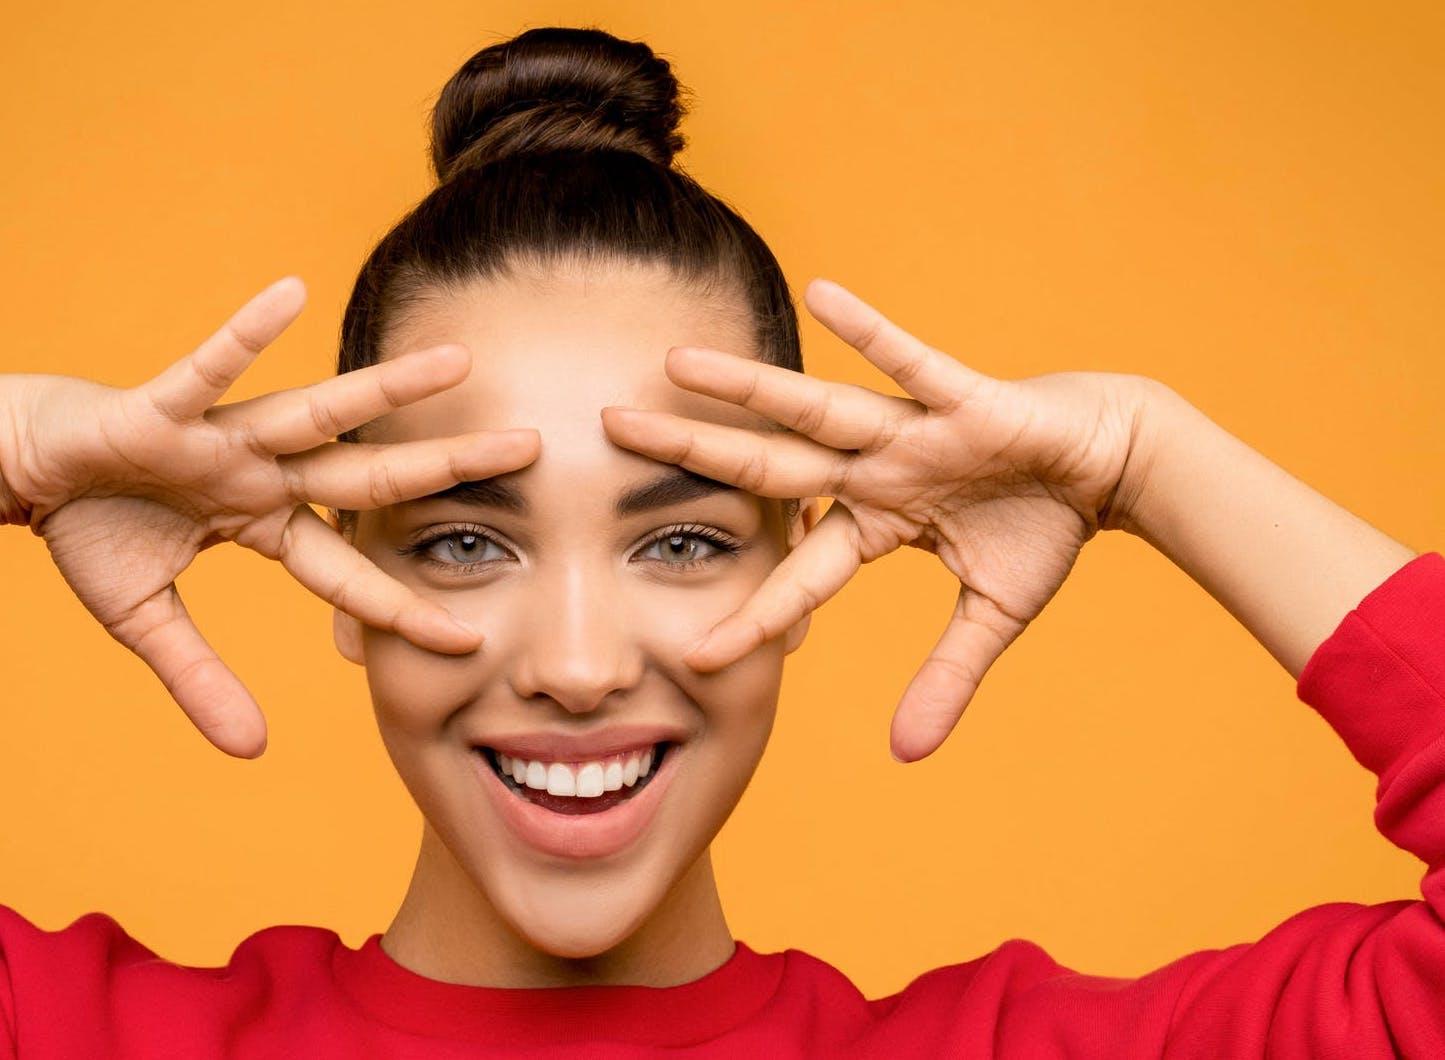 Blepharoplasty for Beautiful Eyes